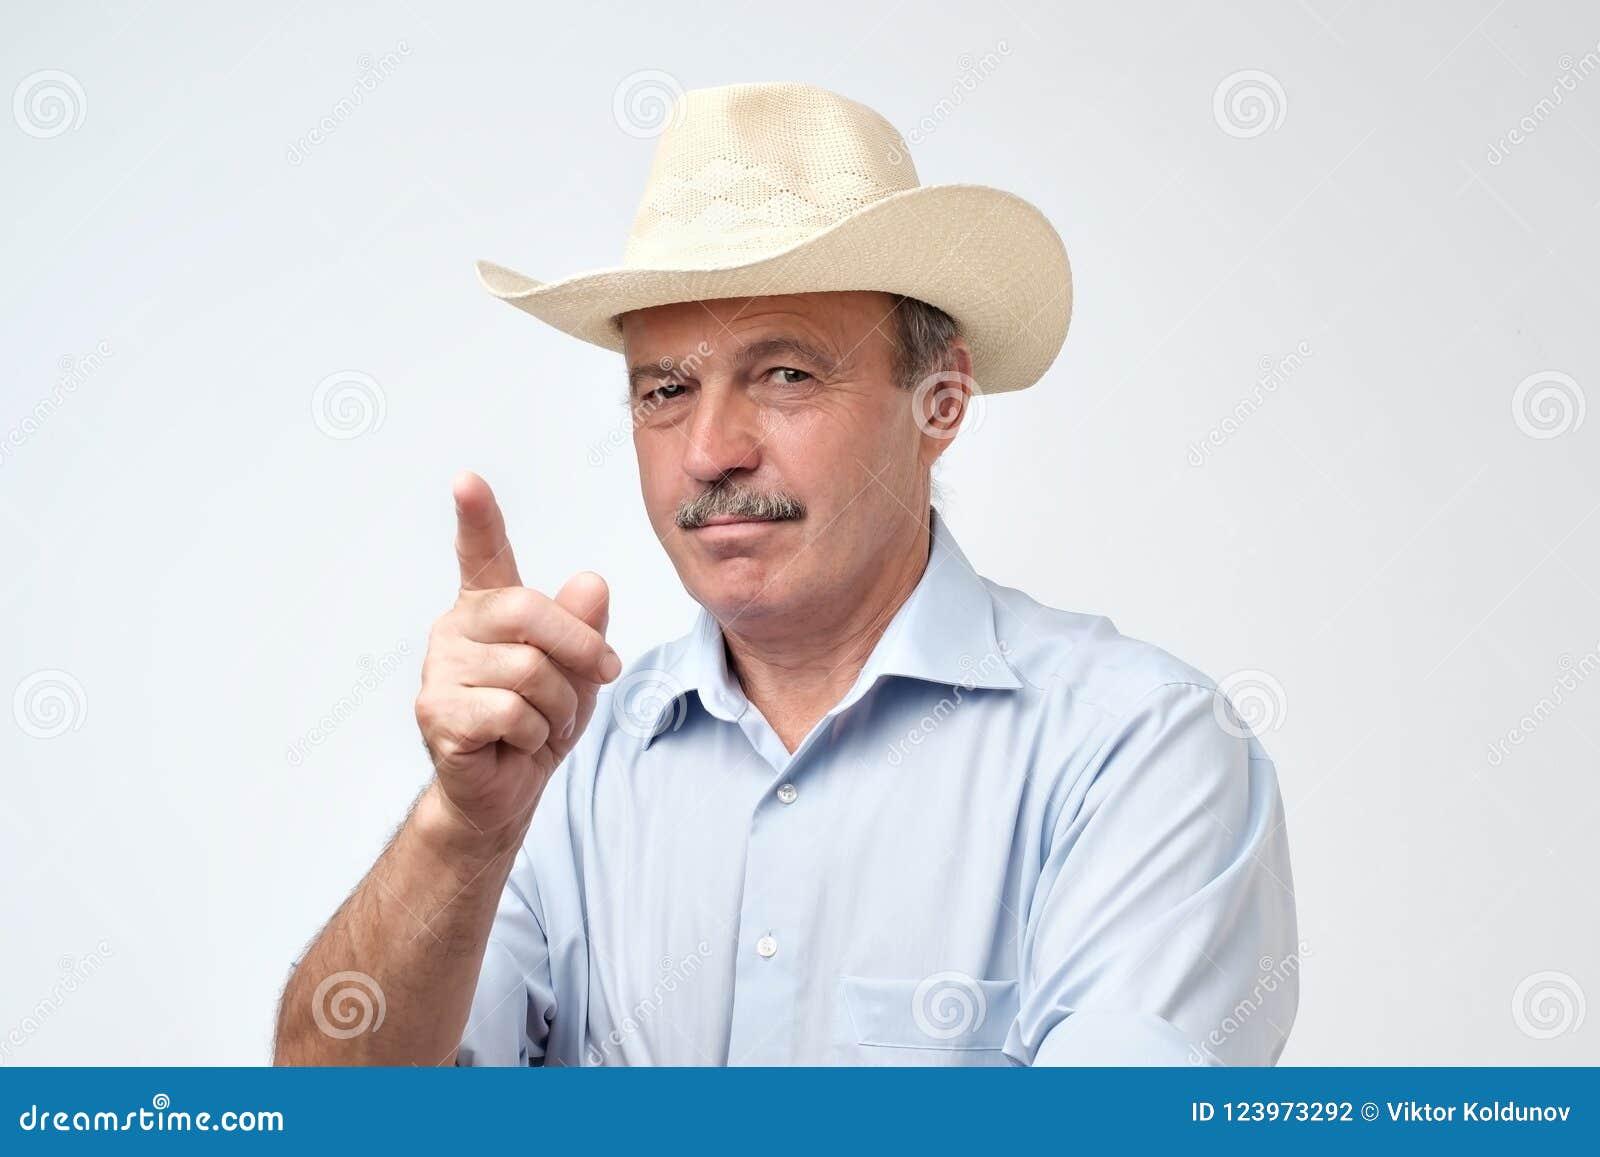 Серьезный зрелый испанский человек в ковбойской шляпе показывая указательные пальцы вверх, дающ совет или рекомендацию